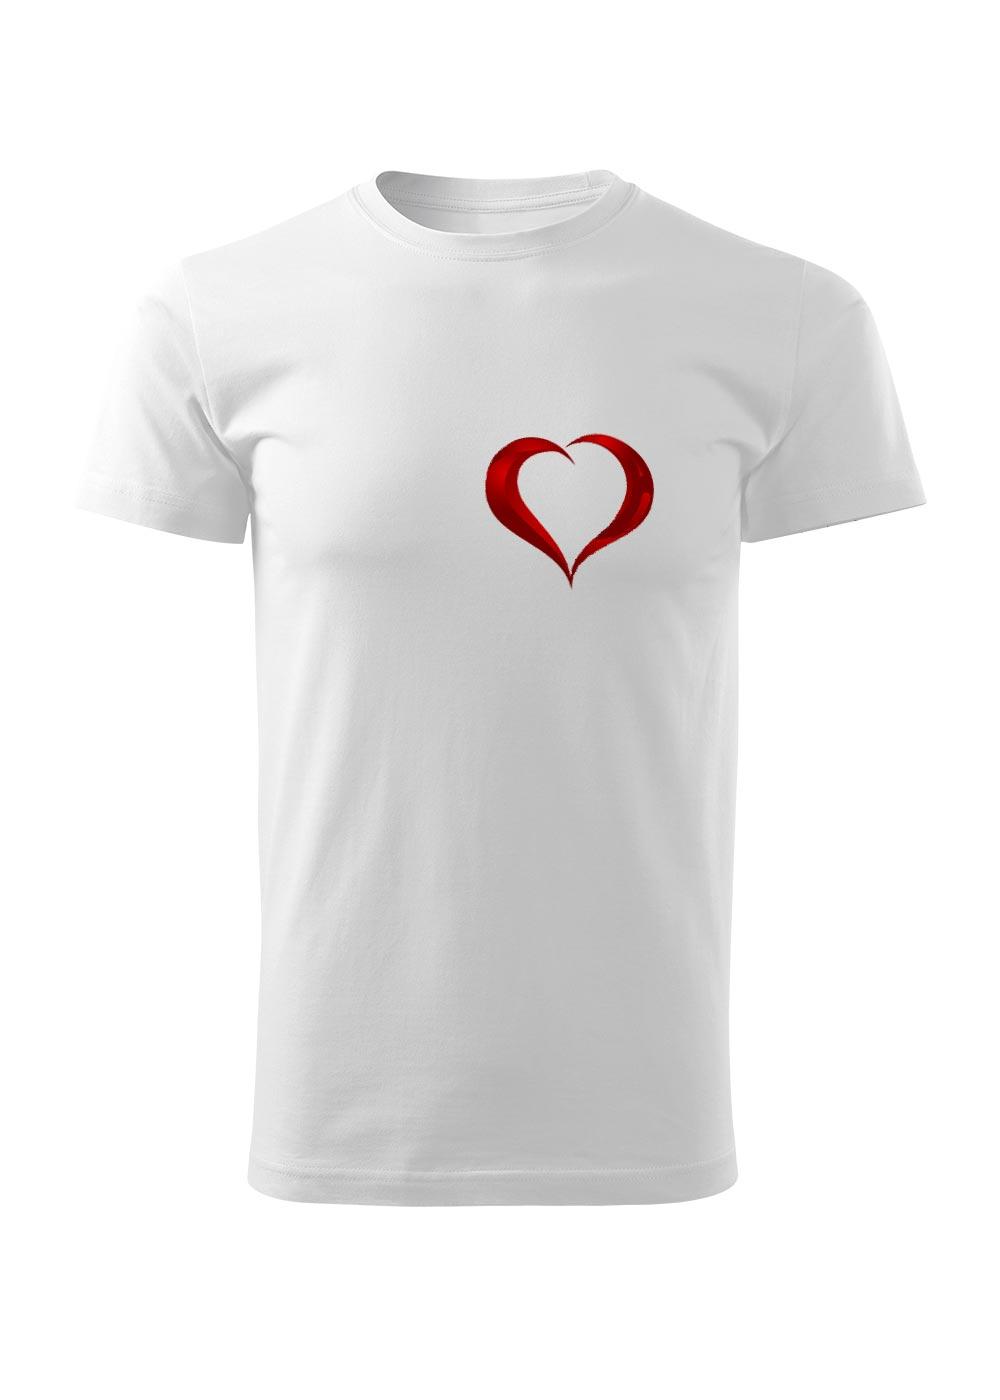 Bílé tričko s potiskem srdce